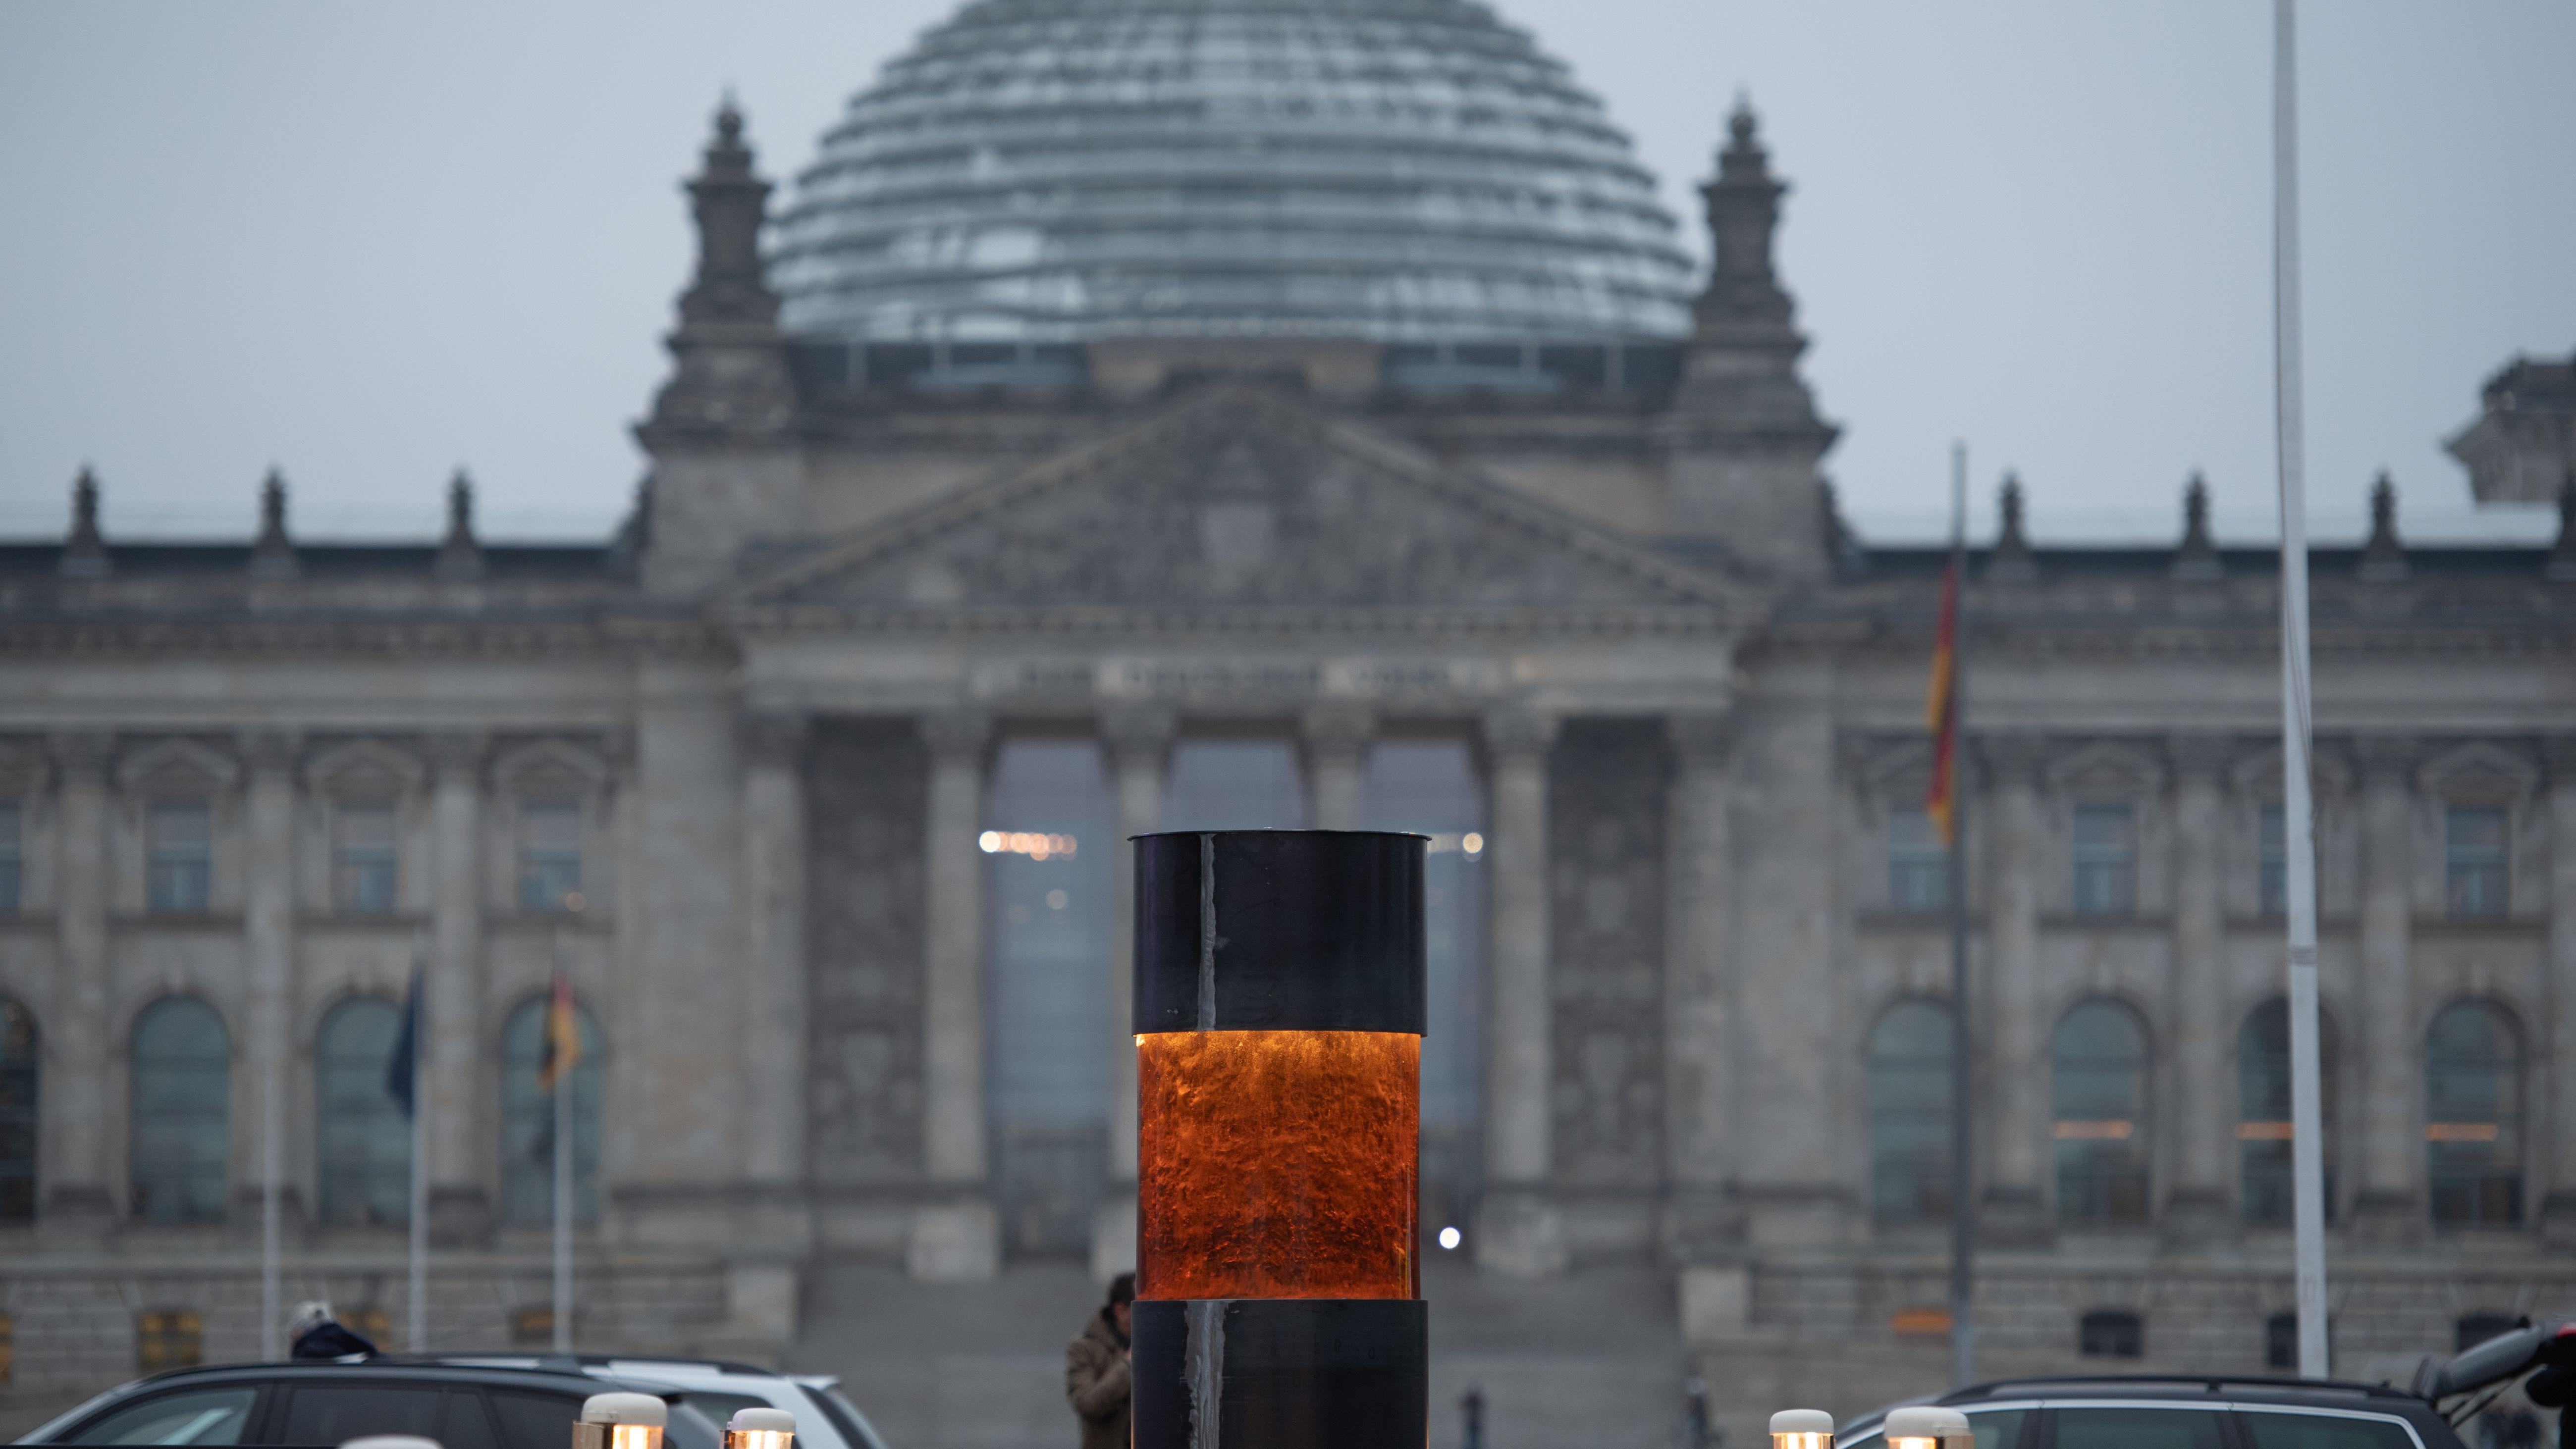 Die Säule, in das Asche von Auschwitzopfern eingegossen worden sein soll, klein im Vordergrund. Dahinter der Reichstag mit seiner Kuppel. nd eine Klage.